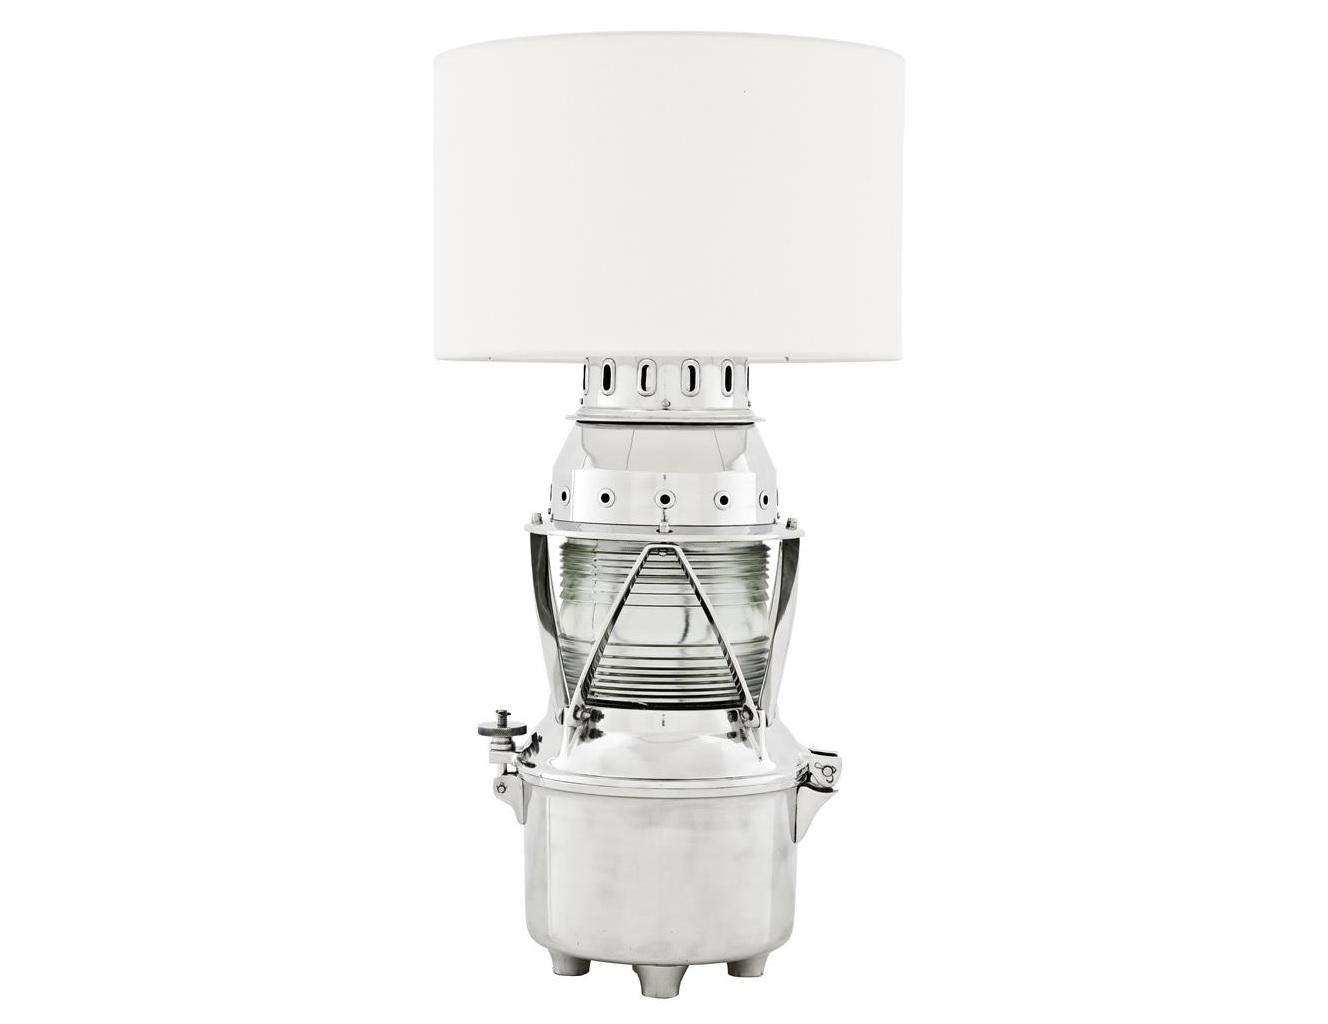 Настольная лампа Table Lamp BeaconДекоративные лампы<br>&amp;lt;div&amp;gt;Вид цоколя: E27&amp;lt;br&amp;gt;&amp;lt;/div&amp;gt;&amp;lt;div&amp;gt;&amp;lt;div&amp;gt;Мощность: 40W&amp;lt;/div&amp;gt;&amp;lt;div&amp;gt;Количество ламп: 2 (нет в комплекте)&amp;lt;/div&amp;gt;&amp;lt;/div&amp;gt;<br><br>Material: Металл<br>Ширина см: 50.0<br>Высота см: 94.0<br>Глубина см: 50.0